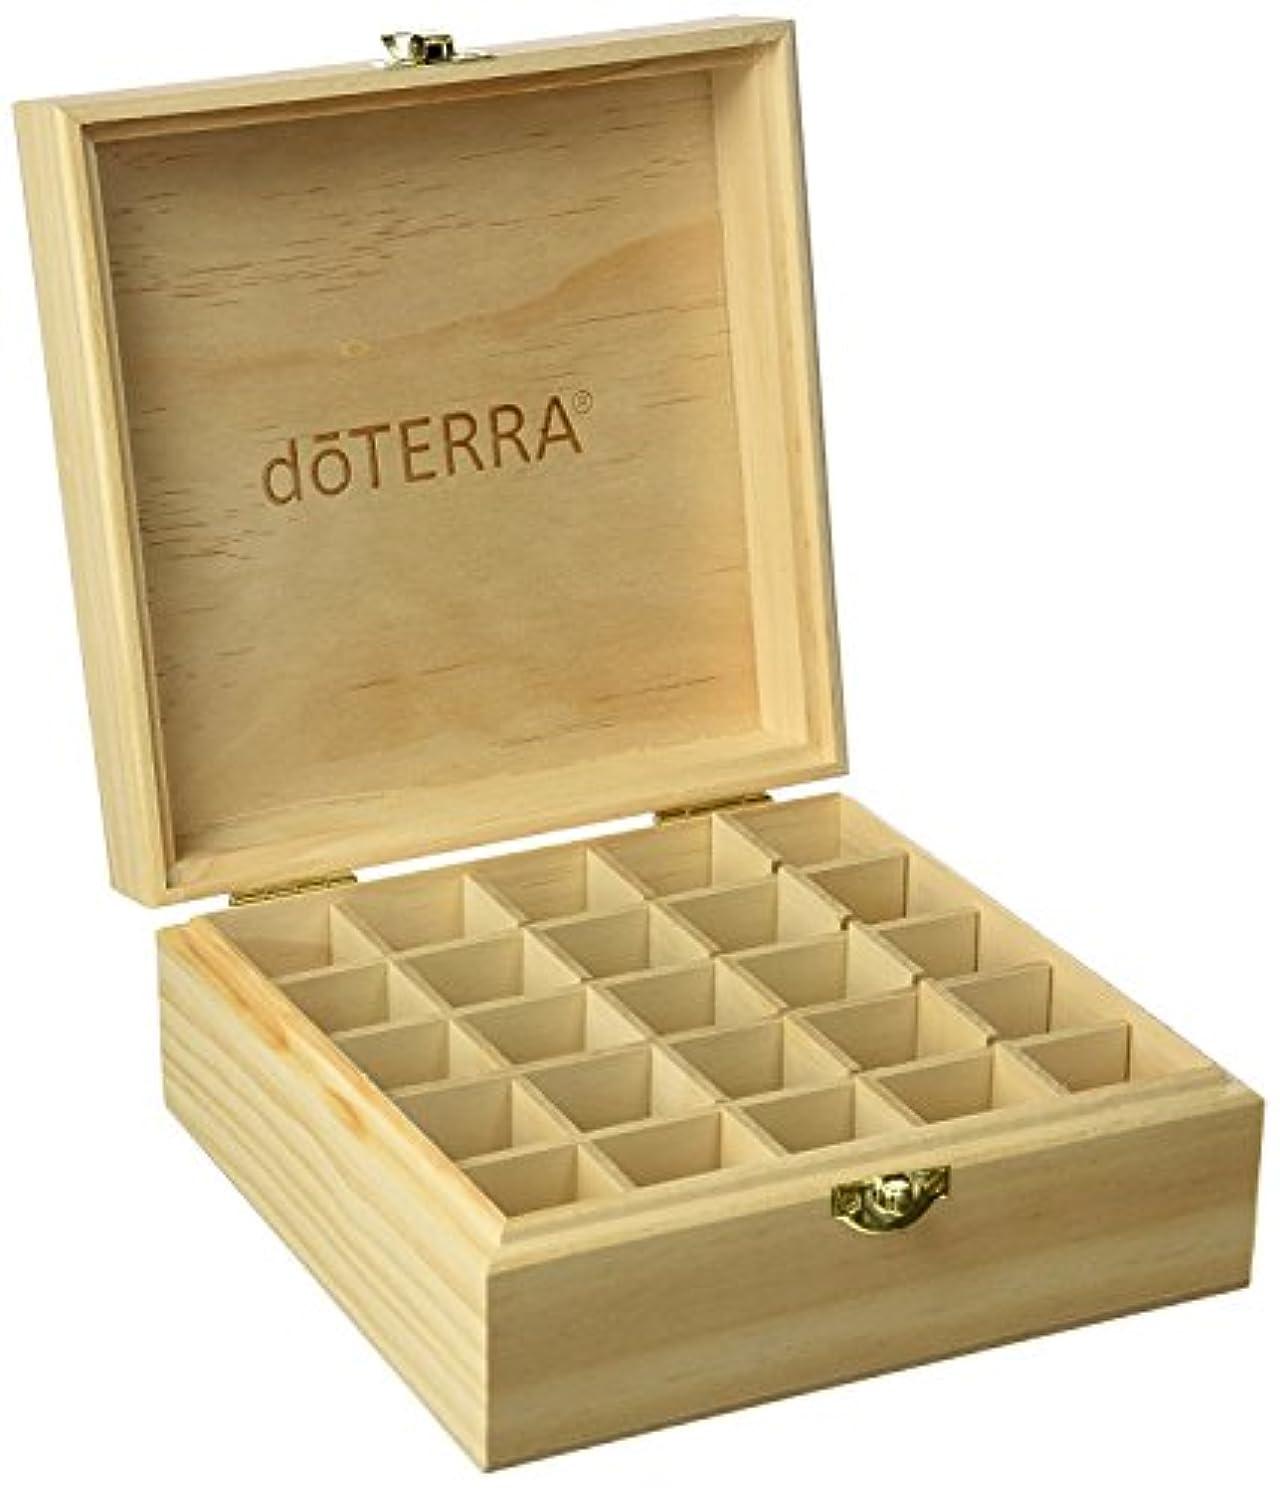 調整可能解くうっかりエッセンシャルオイル収納ボックス25本用 エッセンシャルオイルボックス 20 mlのボトルを15 mlのための25のブロックによって木製のキャビネット